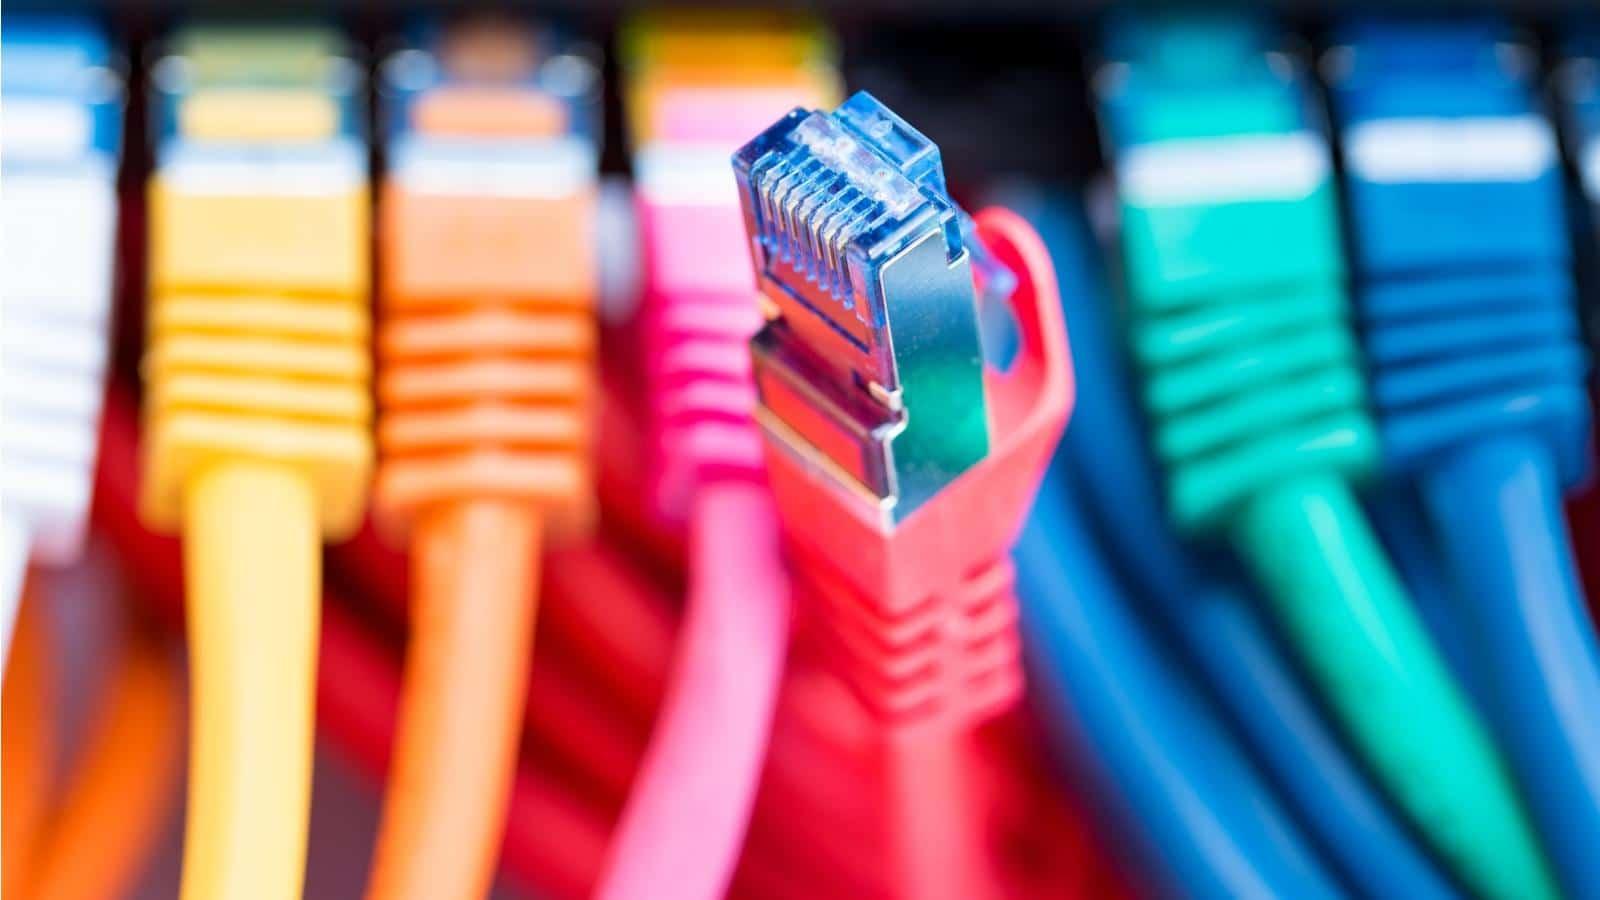 Cavo Ethernet: cos'è e a cosa serve